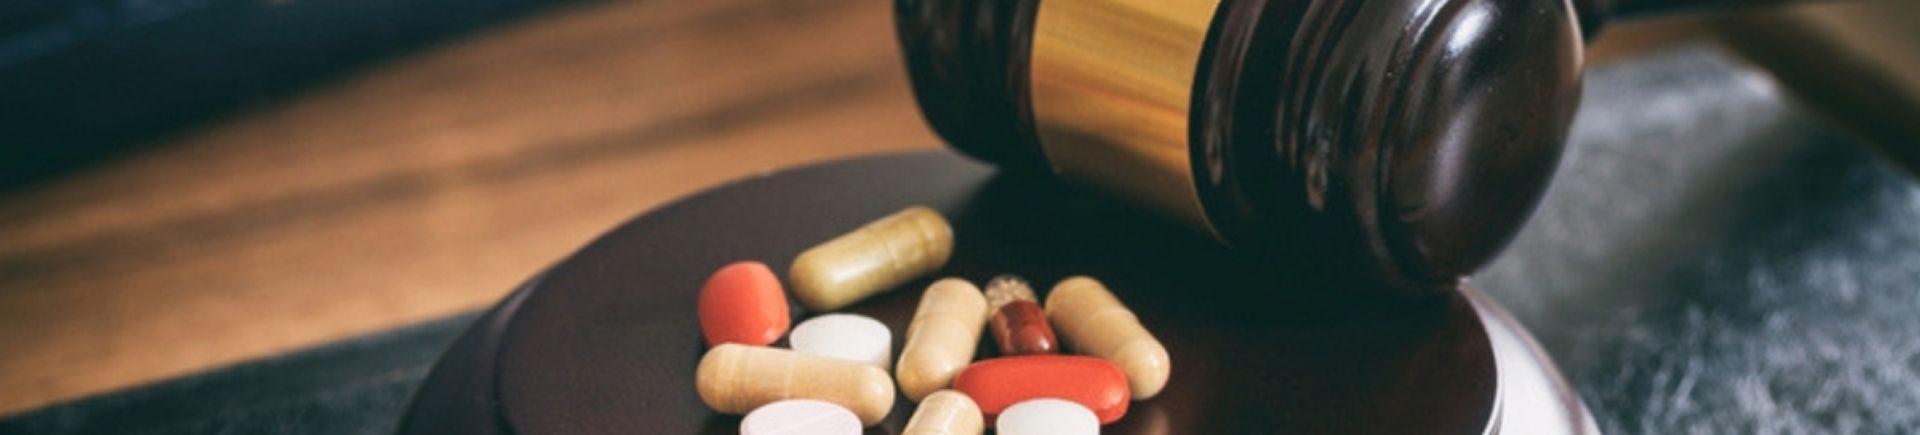 Bans Online Sale of Medicines